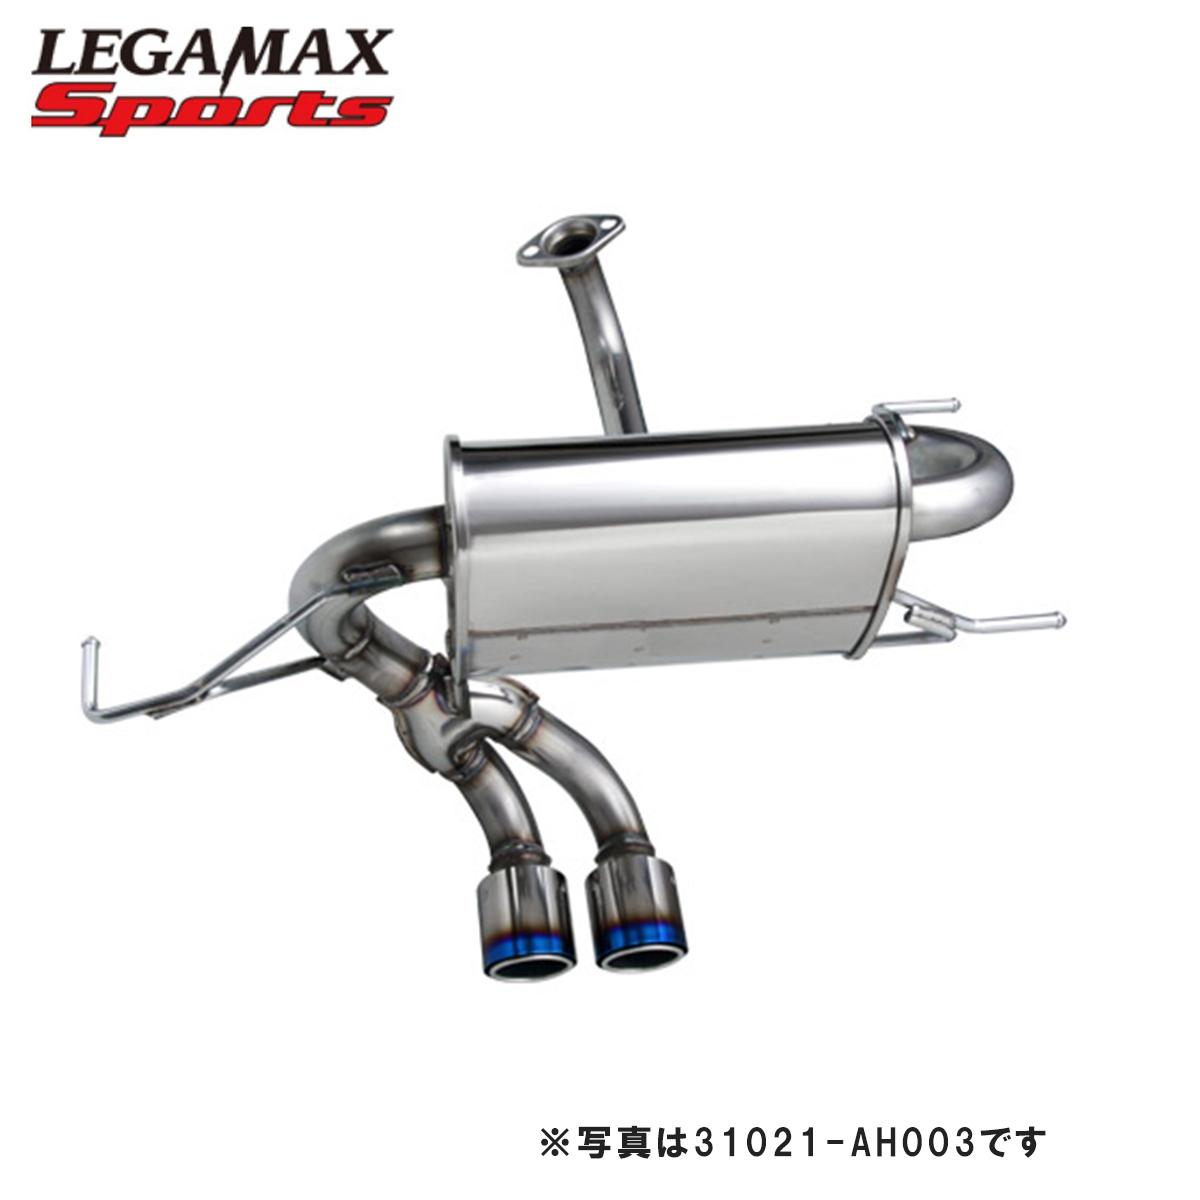 アルトワークス マフラー DBA-HA36S HKS 31021-AS002 リーガマックススポーツ 配送先条件有り